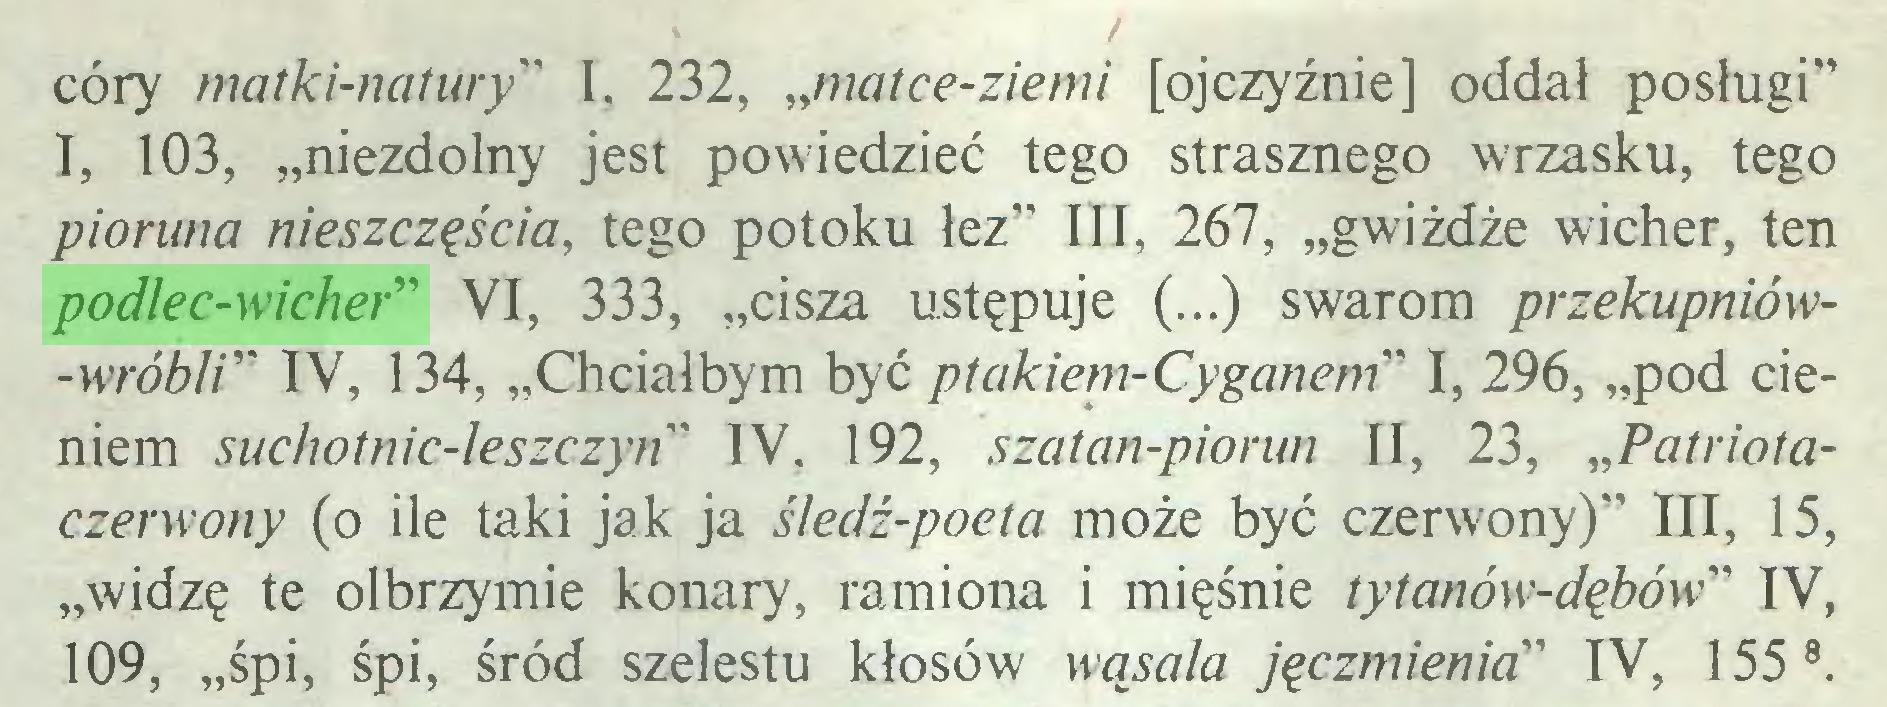 """(...) córy matki-natury"""" I, 232, """"matce-ziemi [ojczyźnie] oddał posługi"""" I, 103, """"niezdolny jest powiedzieć tego strasznego wrzasku, tego pioruna nieszczęścia, tego potoku łez"""" III, 267, """"gwiżdże wicher, ten podlec-wicher"""" VI, 333, """"cisza ustępuje (...) swarom przekupniów-wróbli"""" IV, 134, """"Chciałbym być ptakiem-Cyganem"""" I, 296, """"pod cieniem suchotnic-leszczyn"""" IV, 192, szatan-piorun II, 23, """"Patriotaczerwony (o ile taki jak ja śledź-poeta może być czerwony)"""" III, 15, """"widzę te olbrzymie konary, ramiona i mięśnie tytanów-dębów"""" IV, 109, """"śpi, śpi, śród szelestu kłosów wąsala jęczmienia"""" IV, 155 8..."""